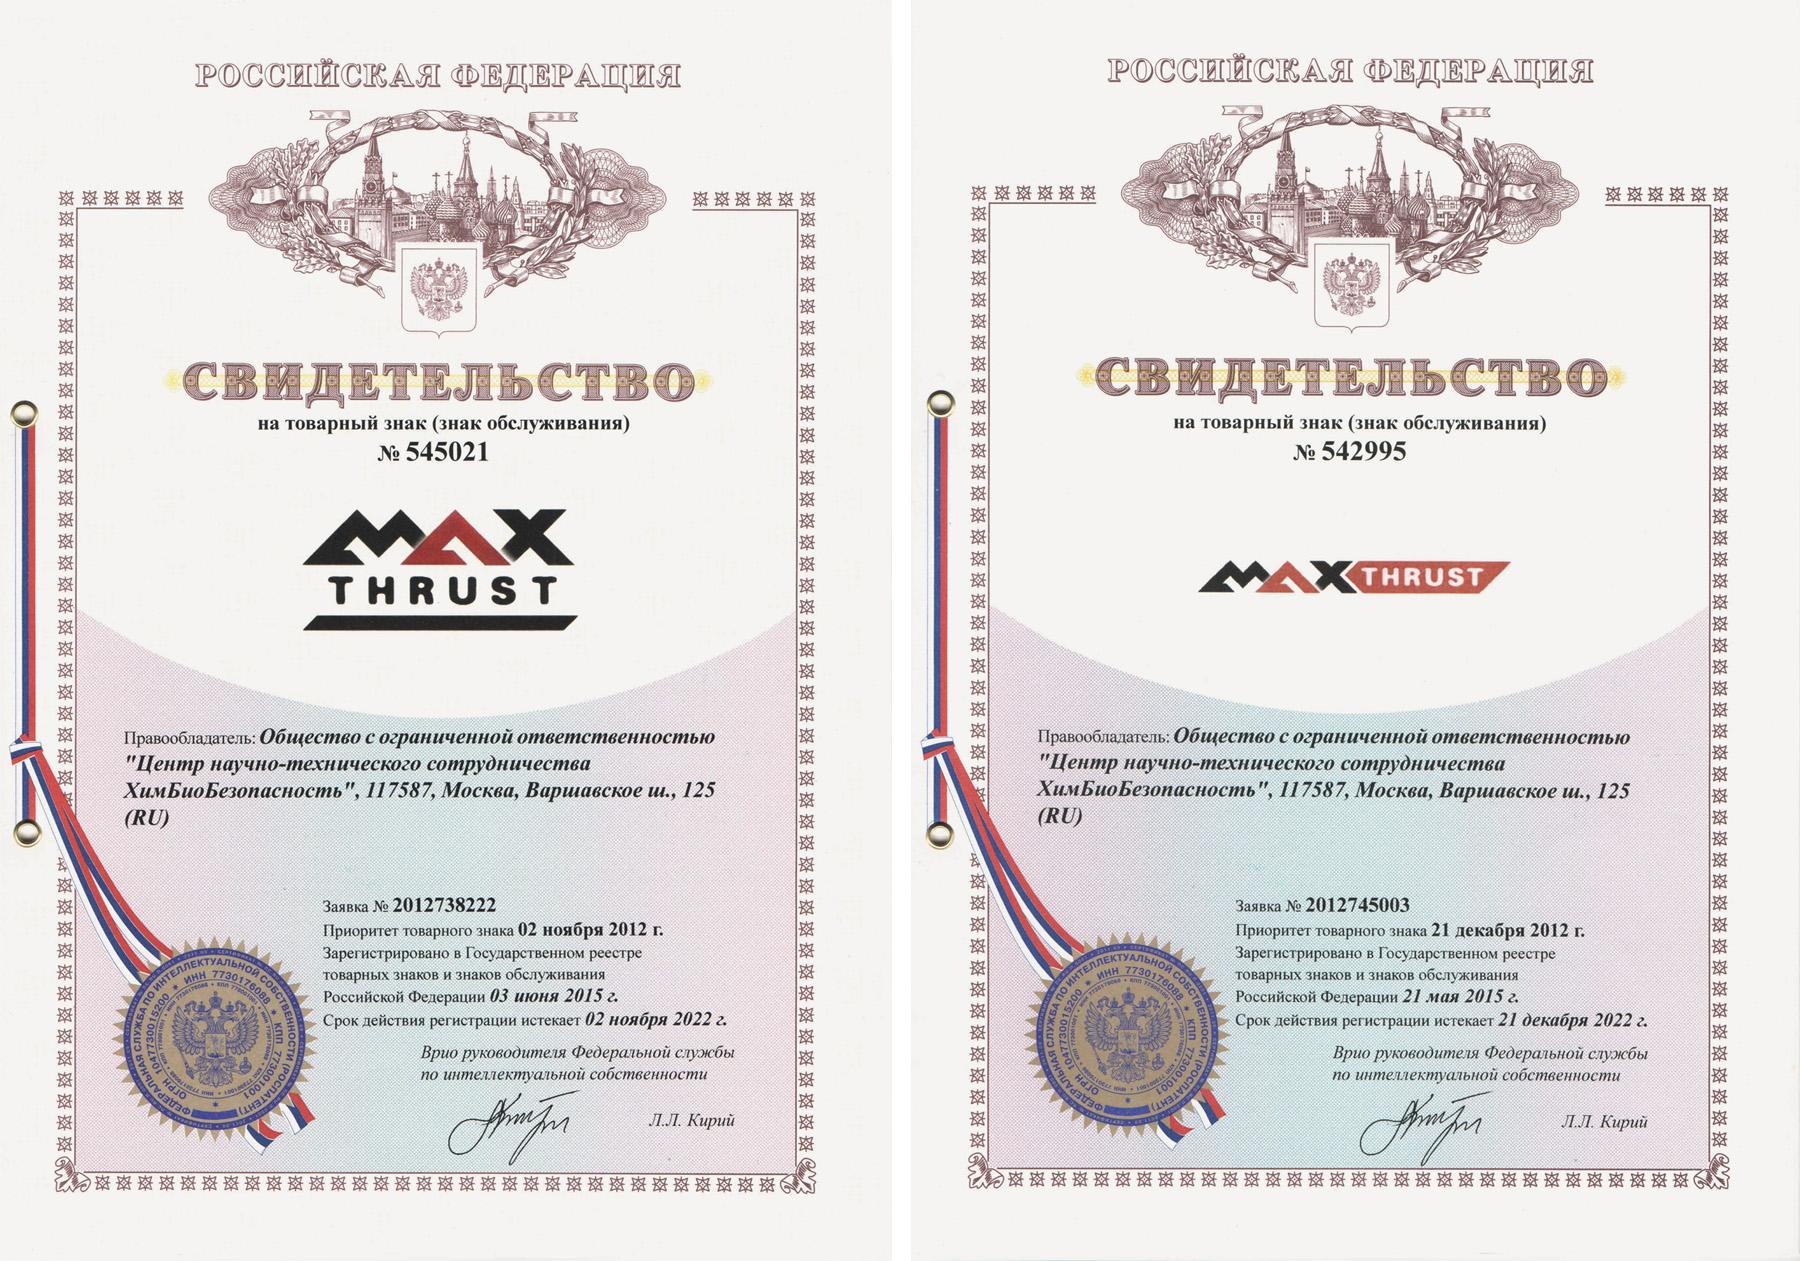 Търговска марка Max Thrust Сертификати